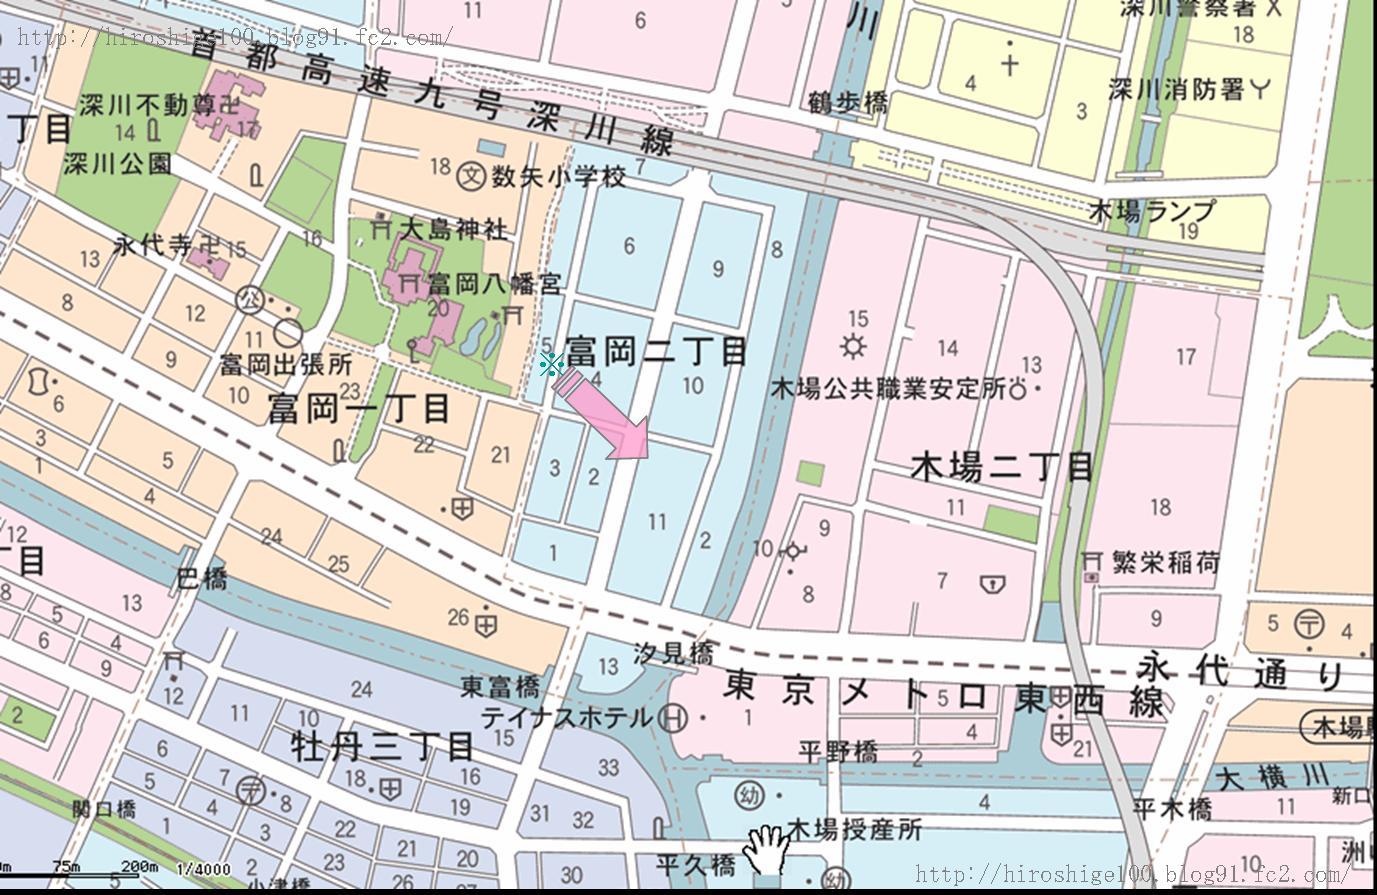 第69景 深川三十三間堂 - 広重 H...